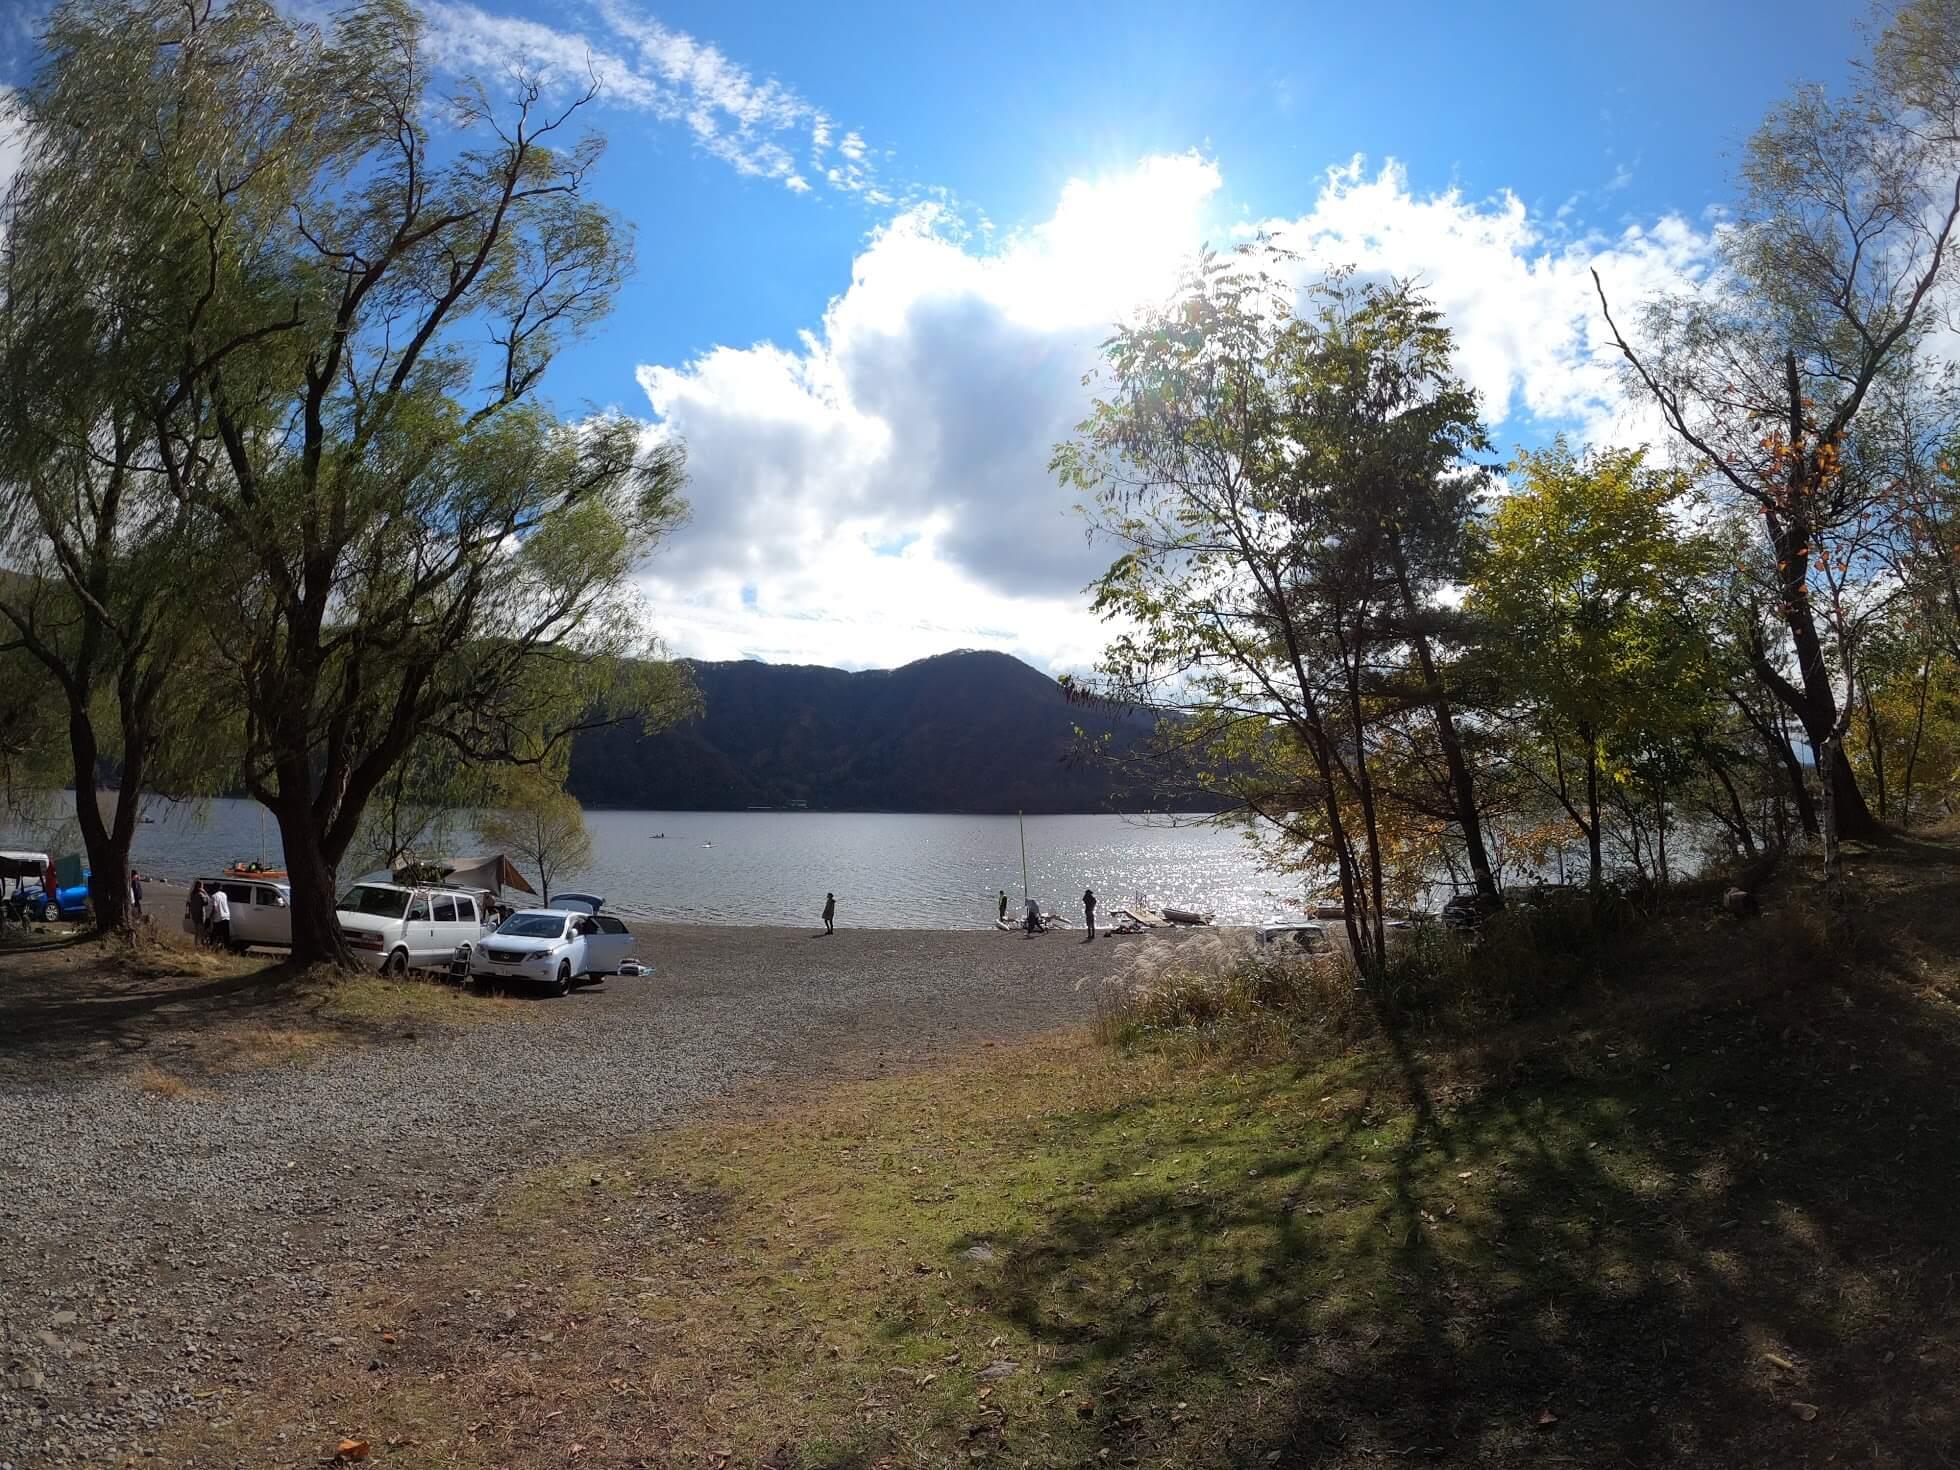 西湖キャンプ・ビレッジ 「ノーム」メリット 西湖湖畔